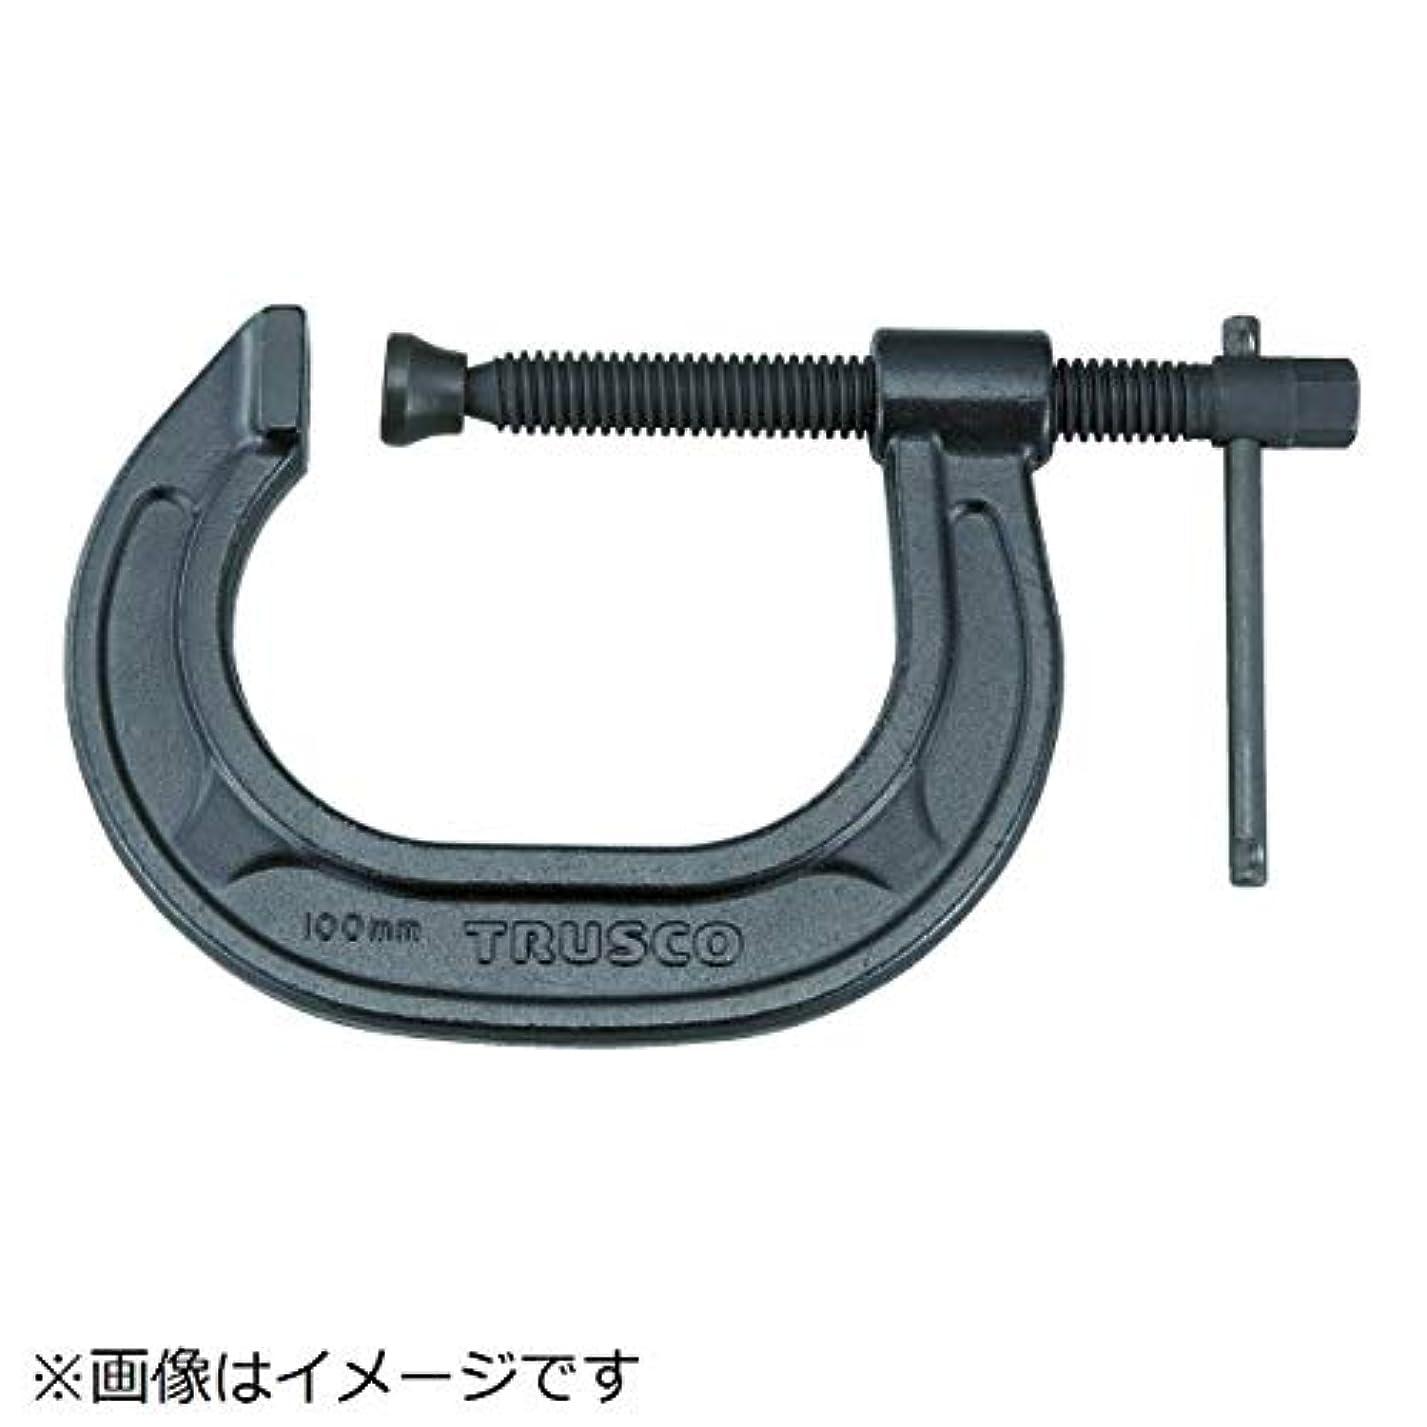 伸ばすロータリー評価するTRUSCO(トラスコ) C型シャコ万力 200mm TCC-200N